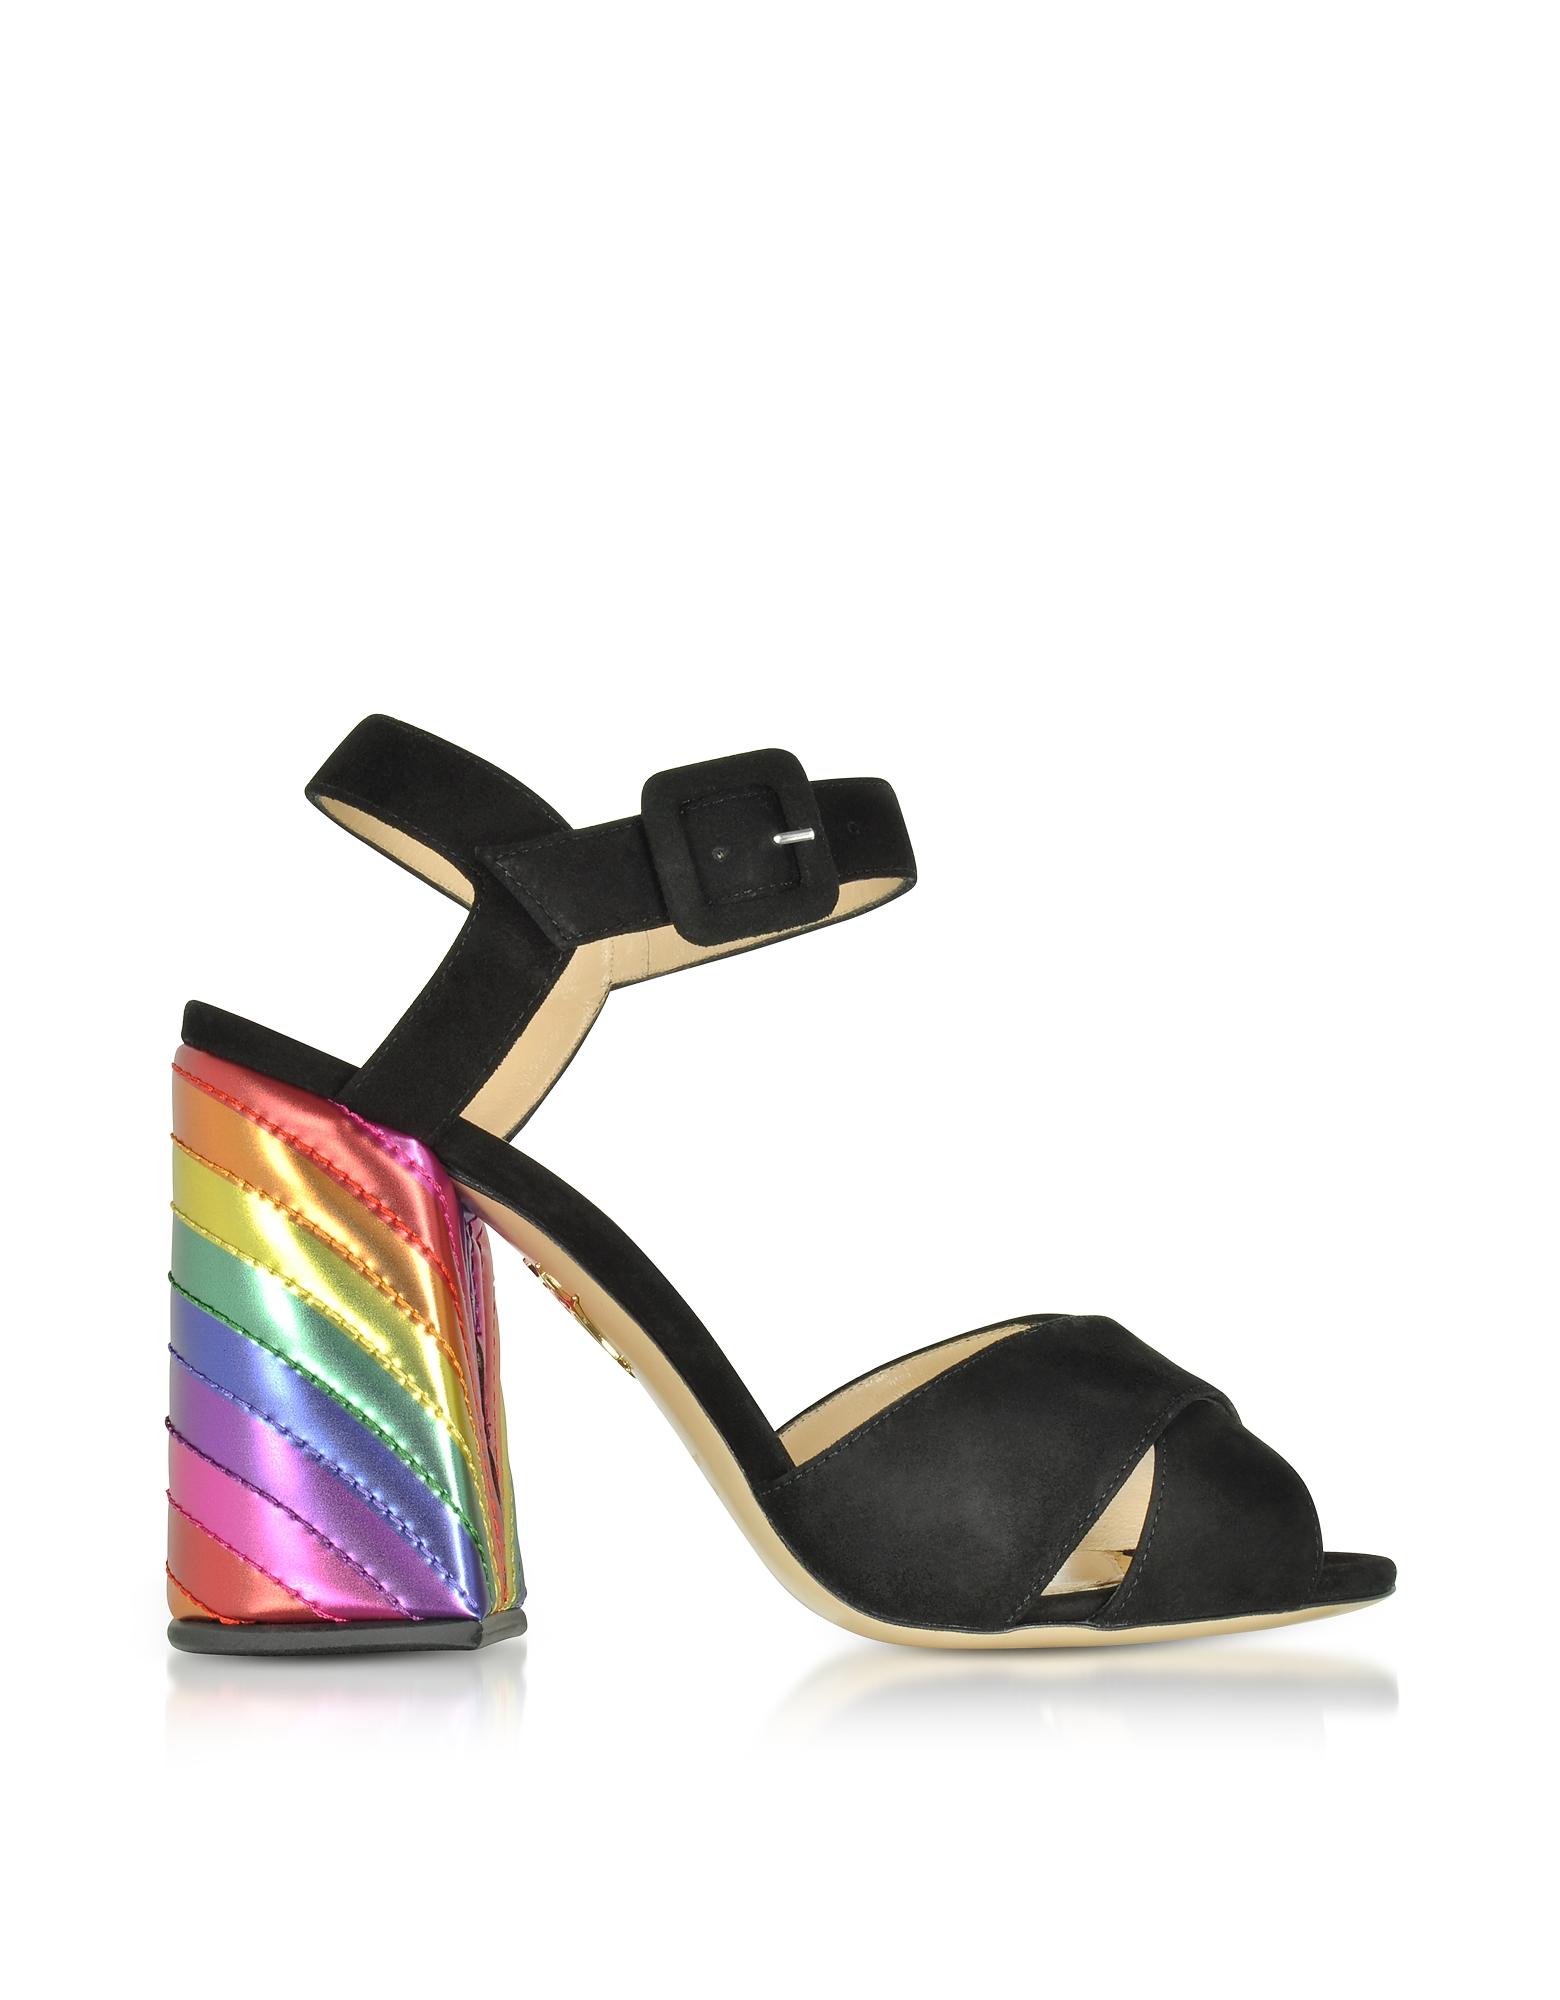 Emma Sandali in Suede Nero con Tacco Rainbow Metallizzato